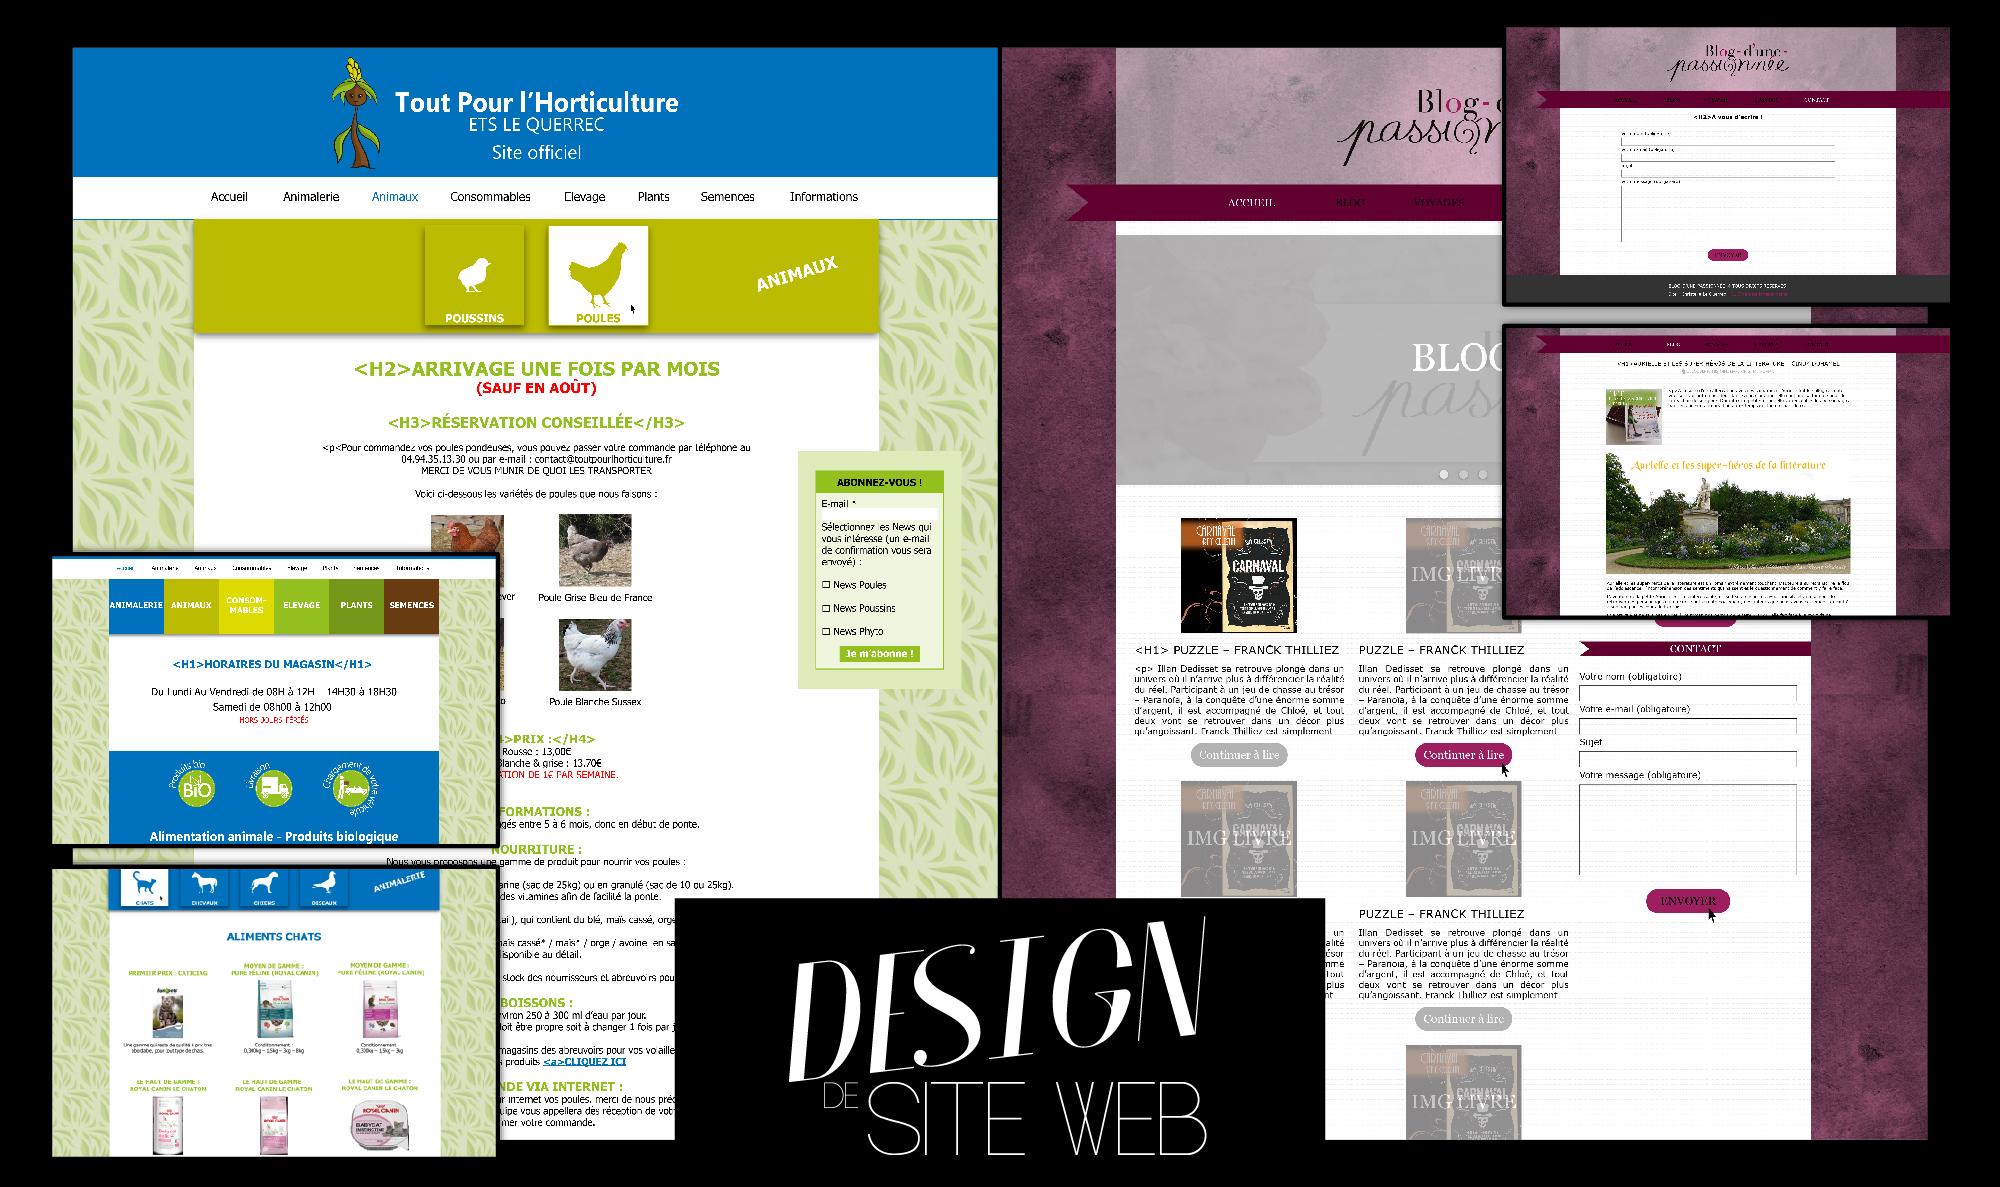 Design site internet - Christelle Le Querrec